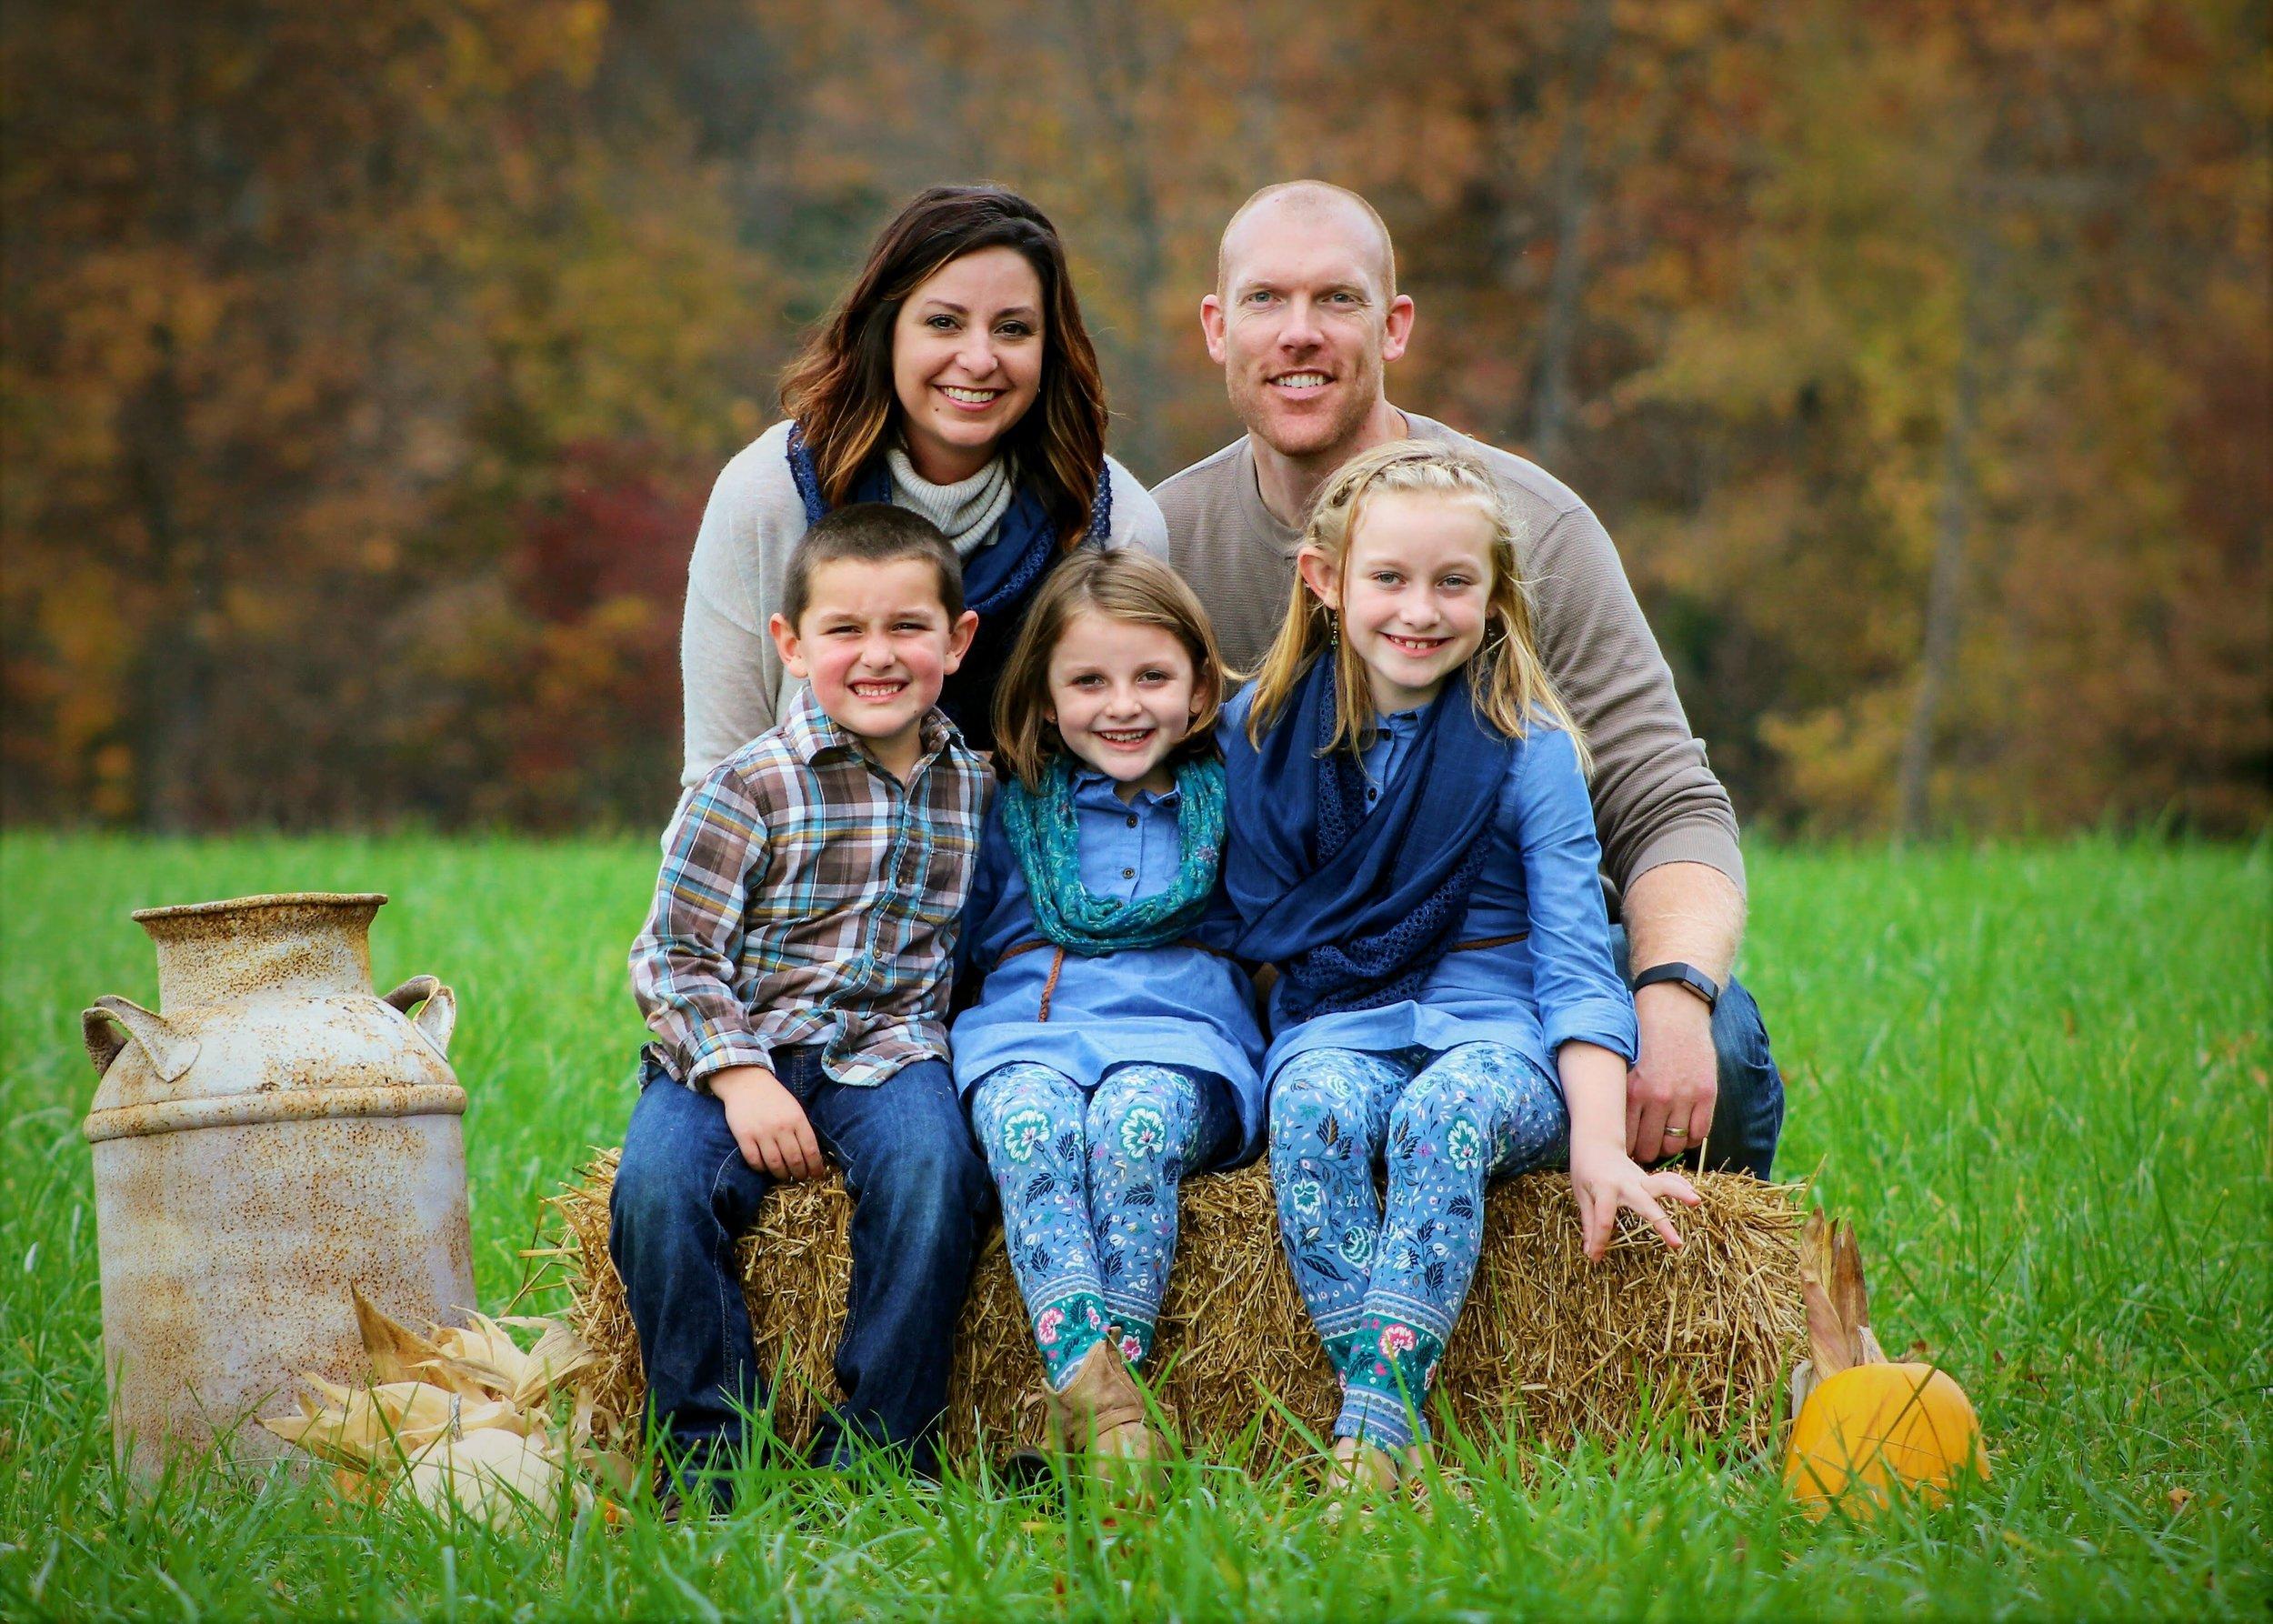 AAGibson Family HF.jpg